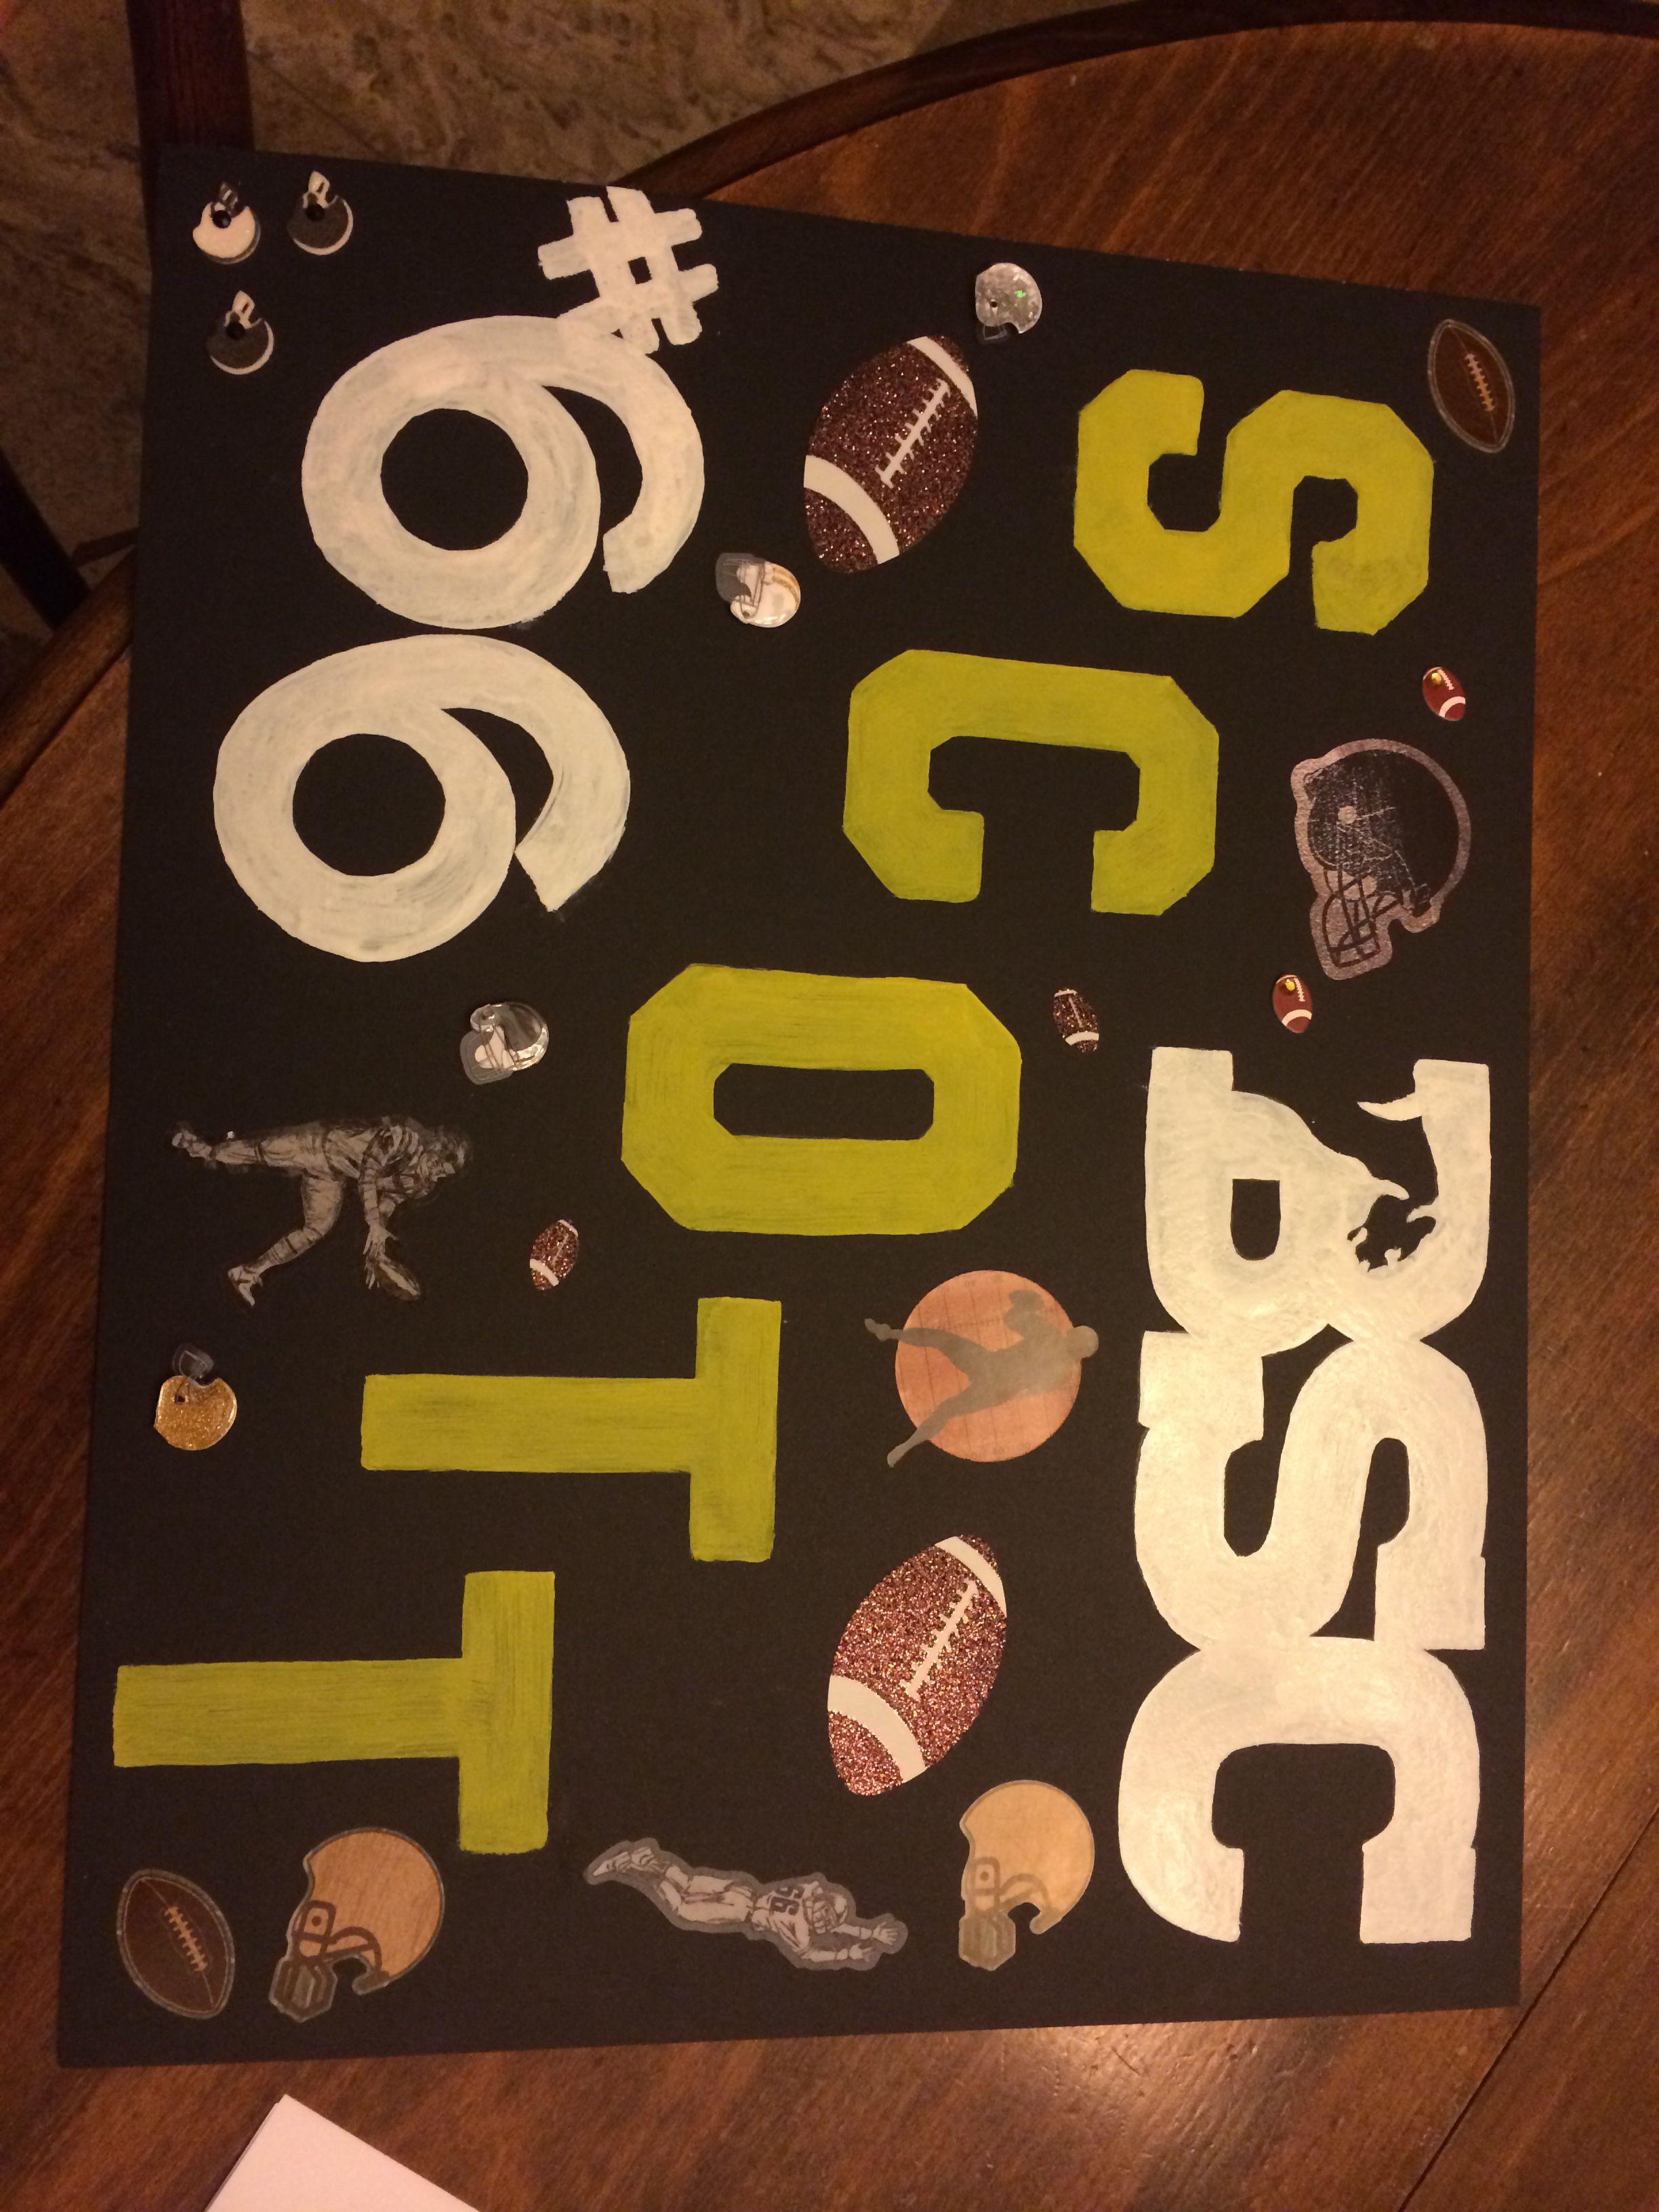 High school basketball fan posters